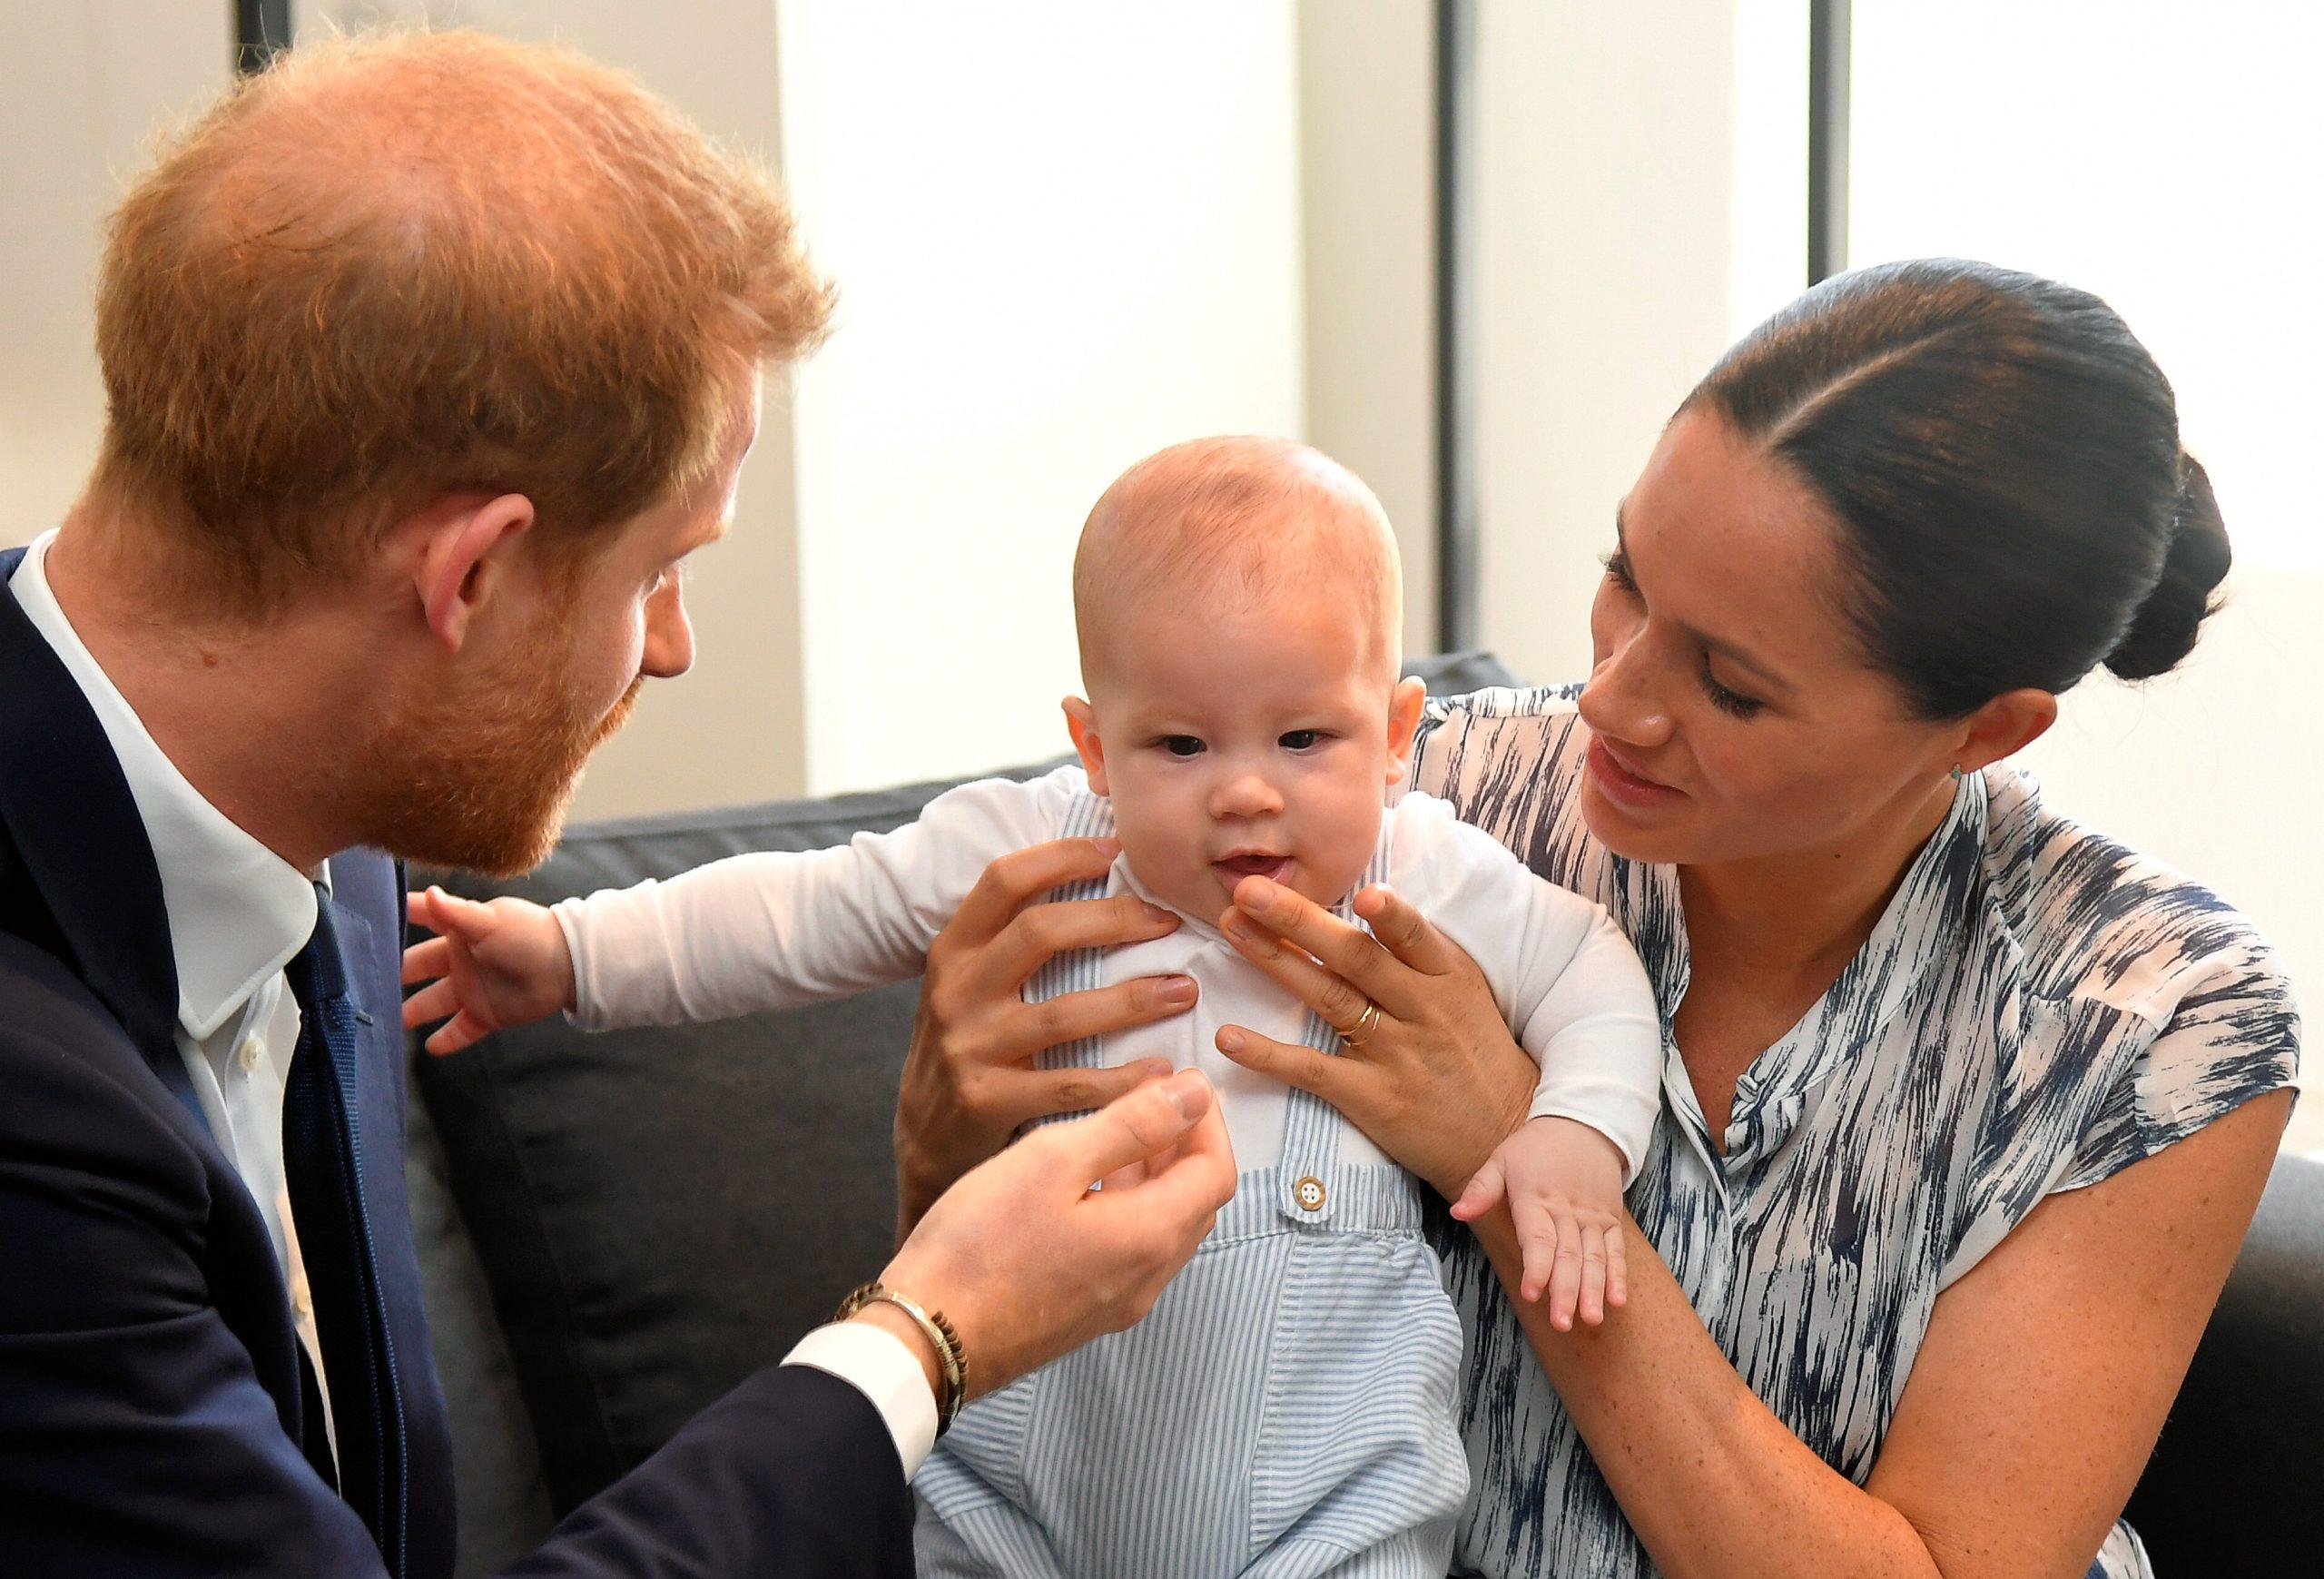 Meghan Markle bébé Archie